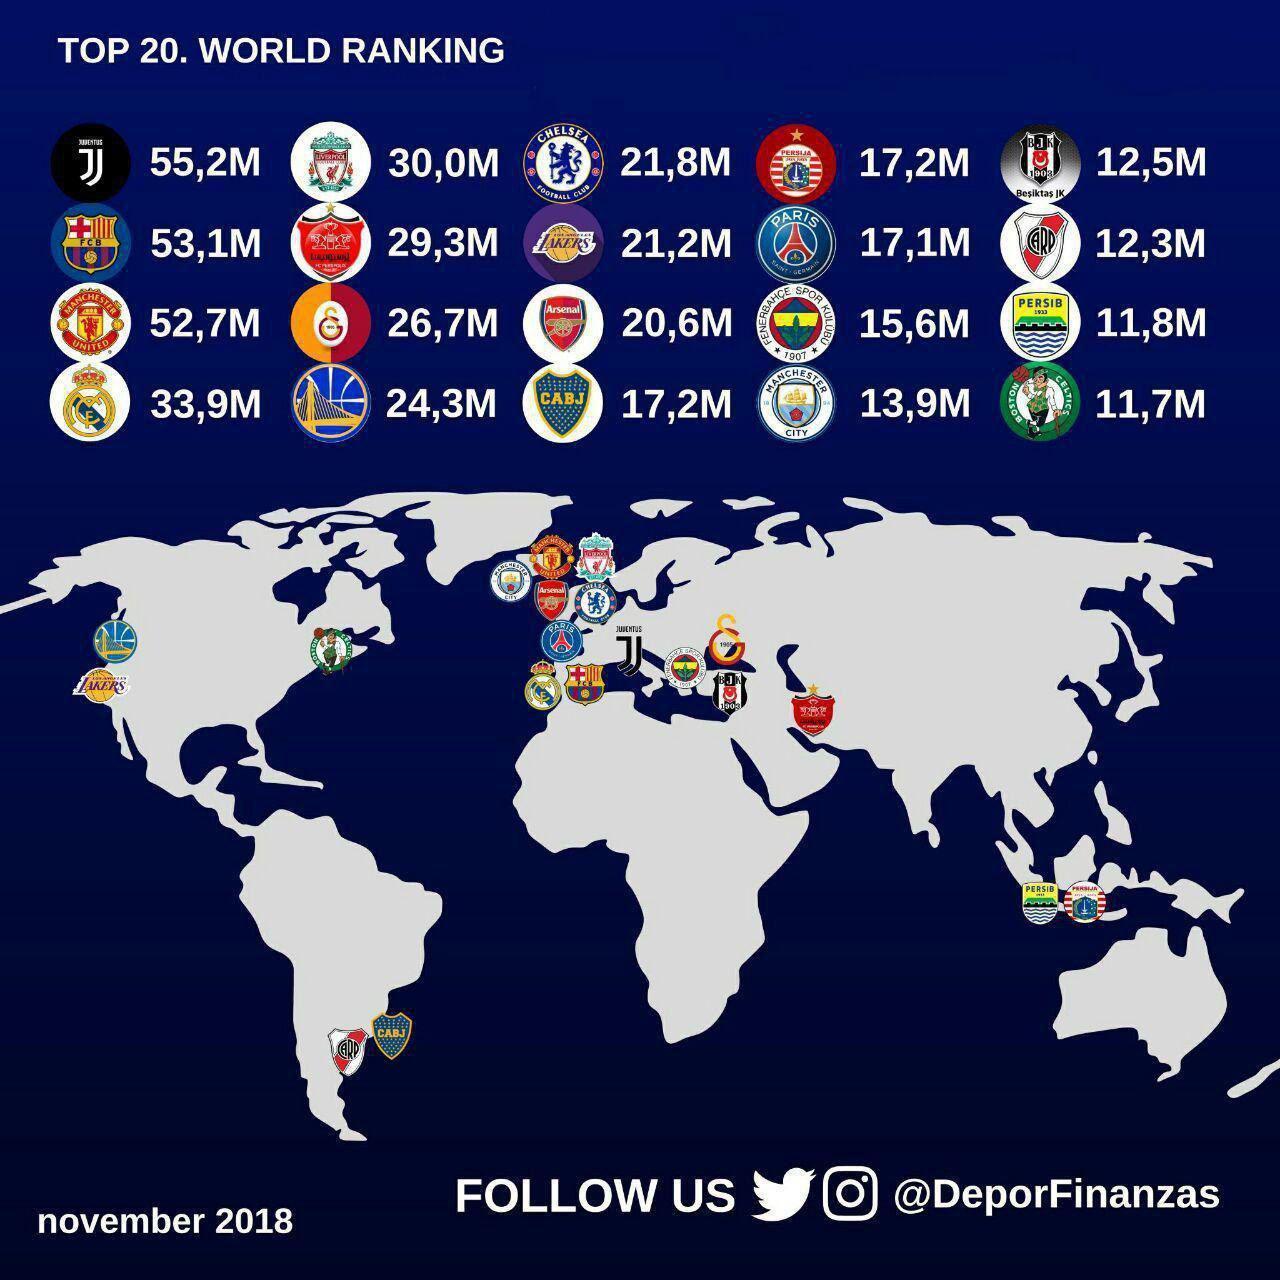 باشگاه پرسپولیس میان پرطرفدارترین تیمهای دنیا در فضای مجازی